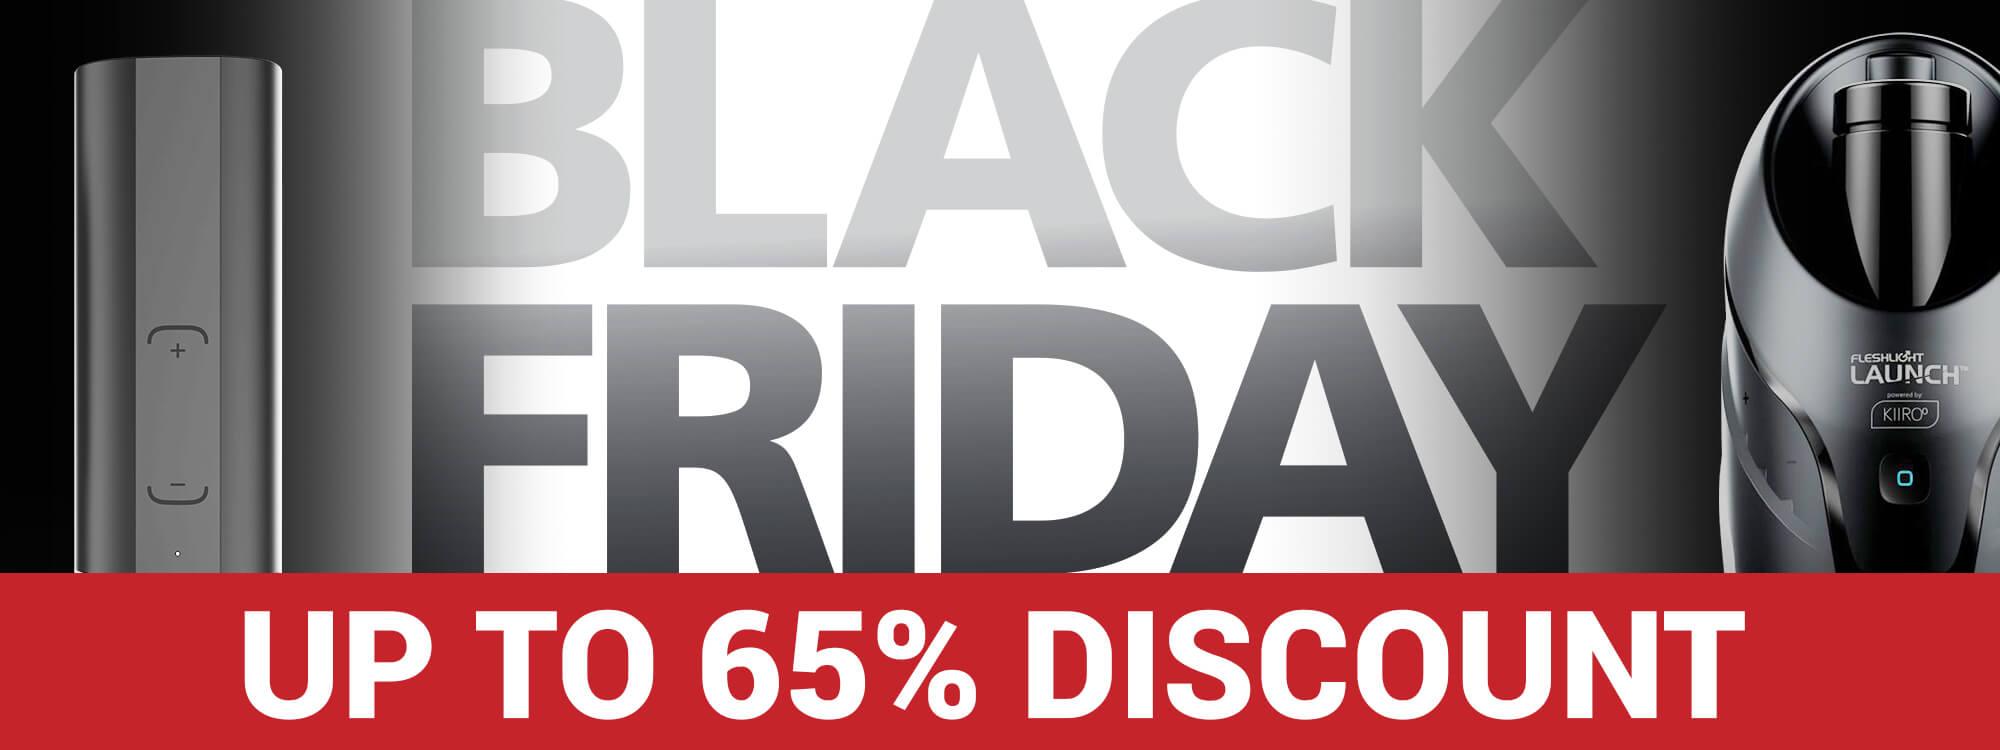 Kiiroo Black Friday Discount